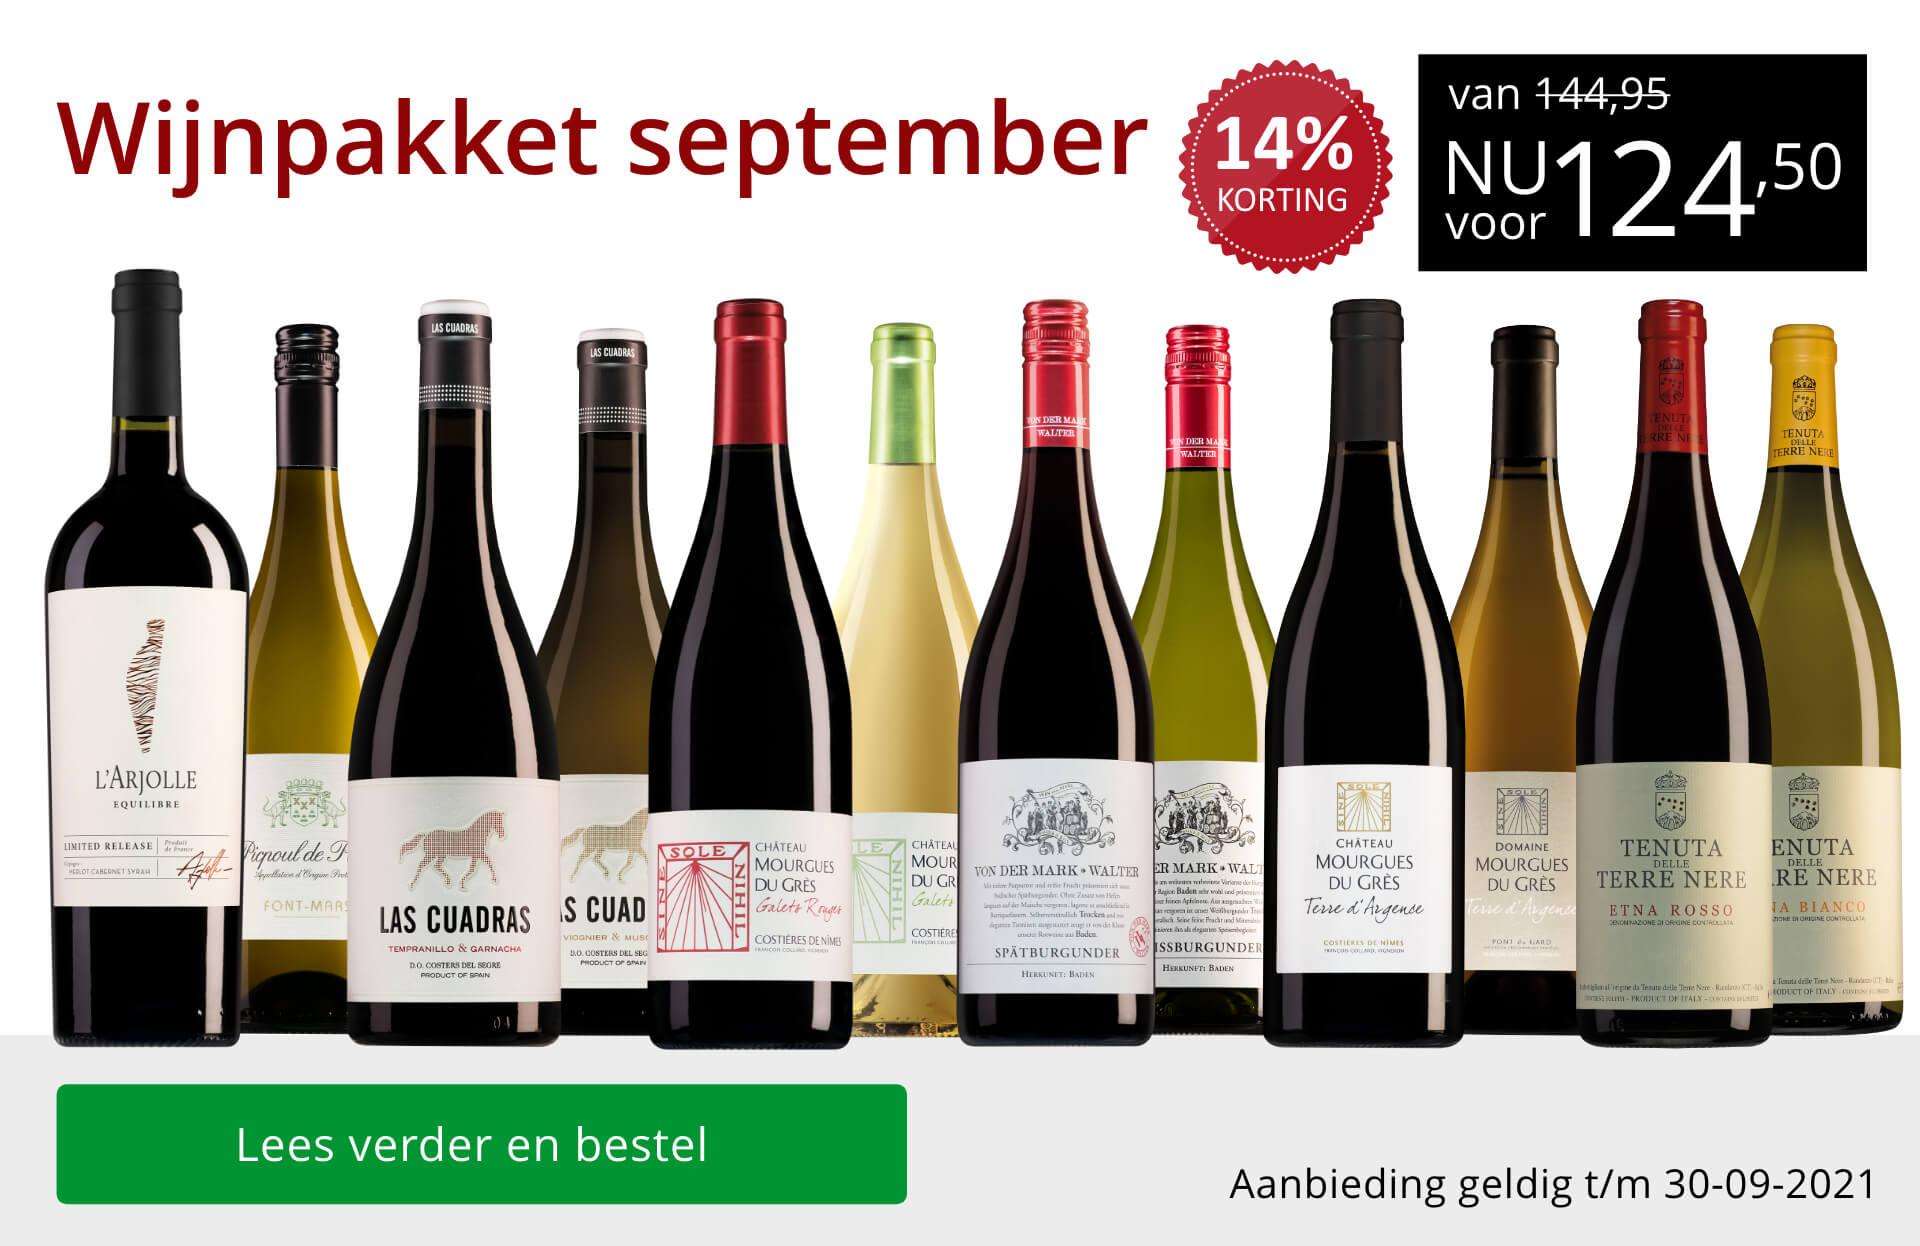 Wijnpakket wijnbericht september 2021 - rood